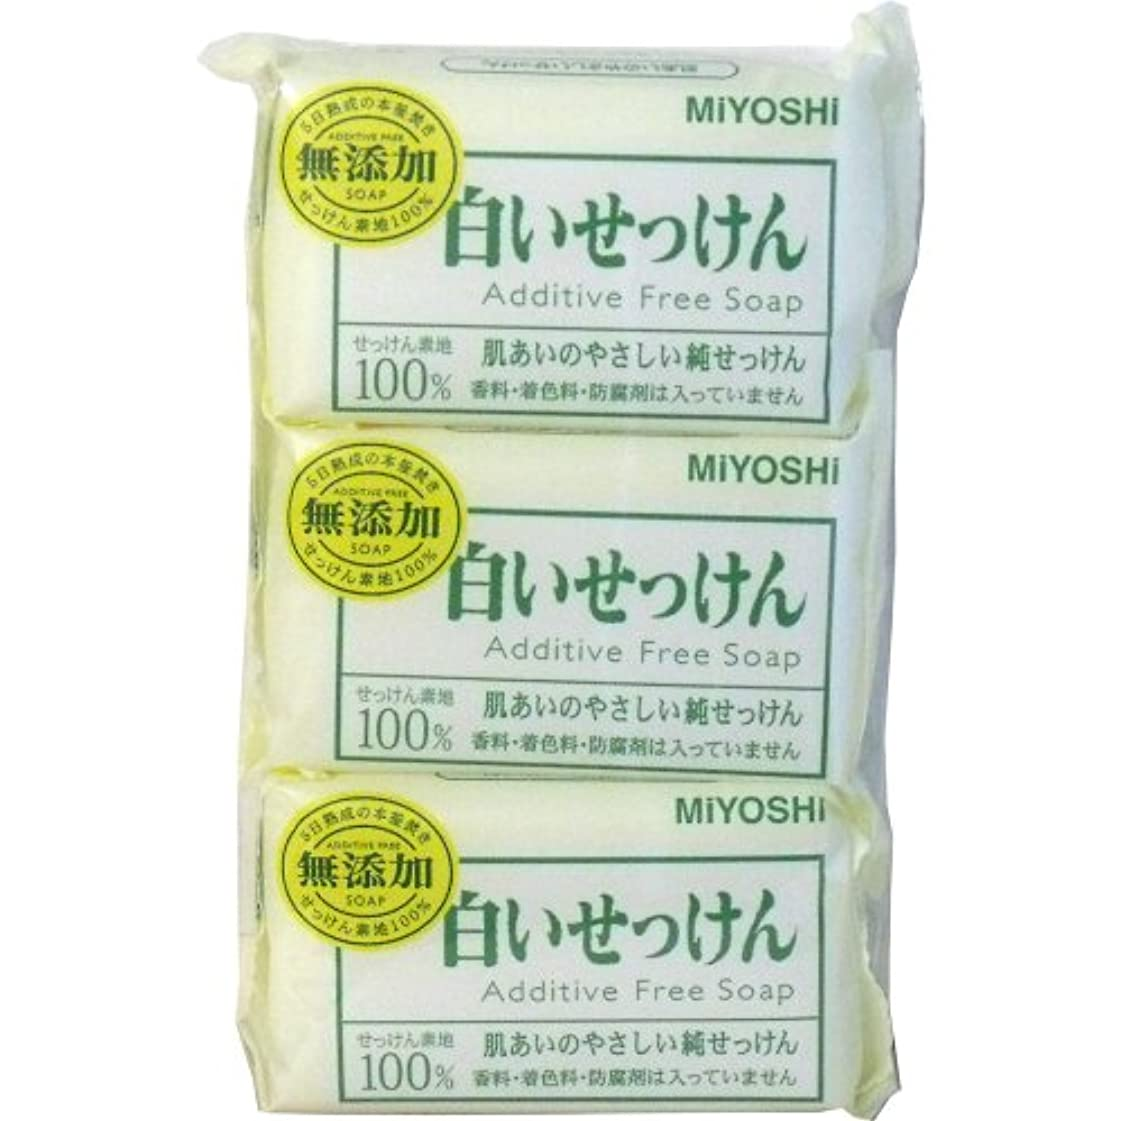 ミヨシ 無添加 白いせっけん 108g×3個 ×3個セット